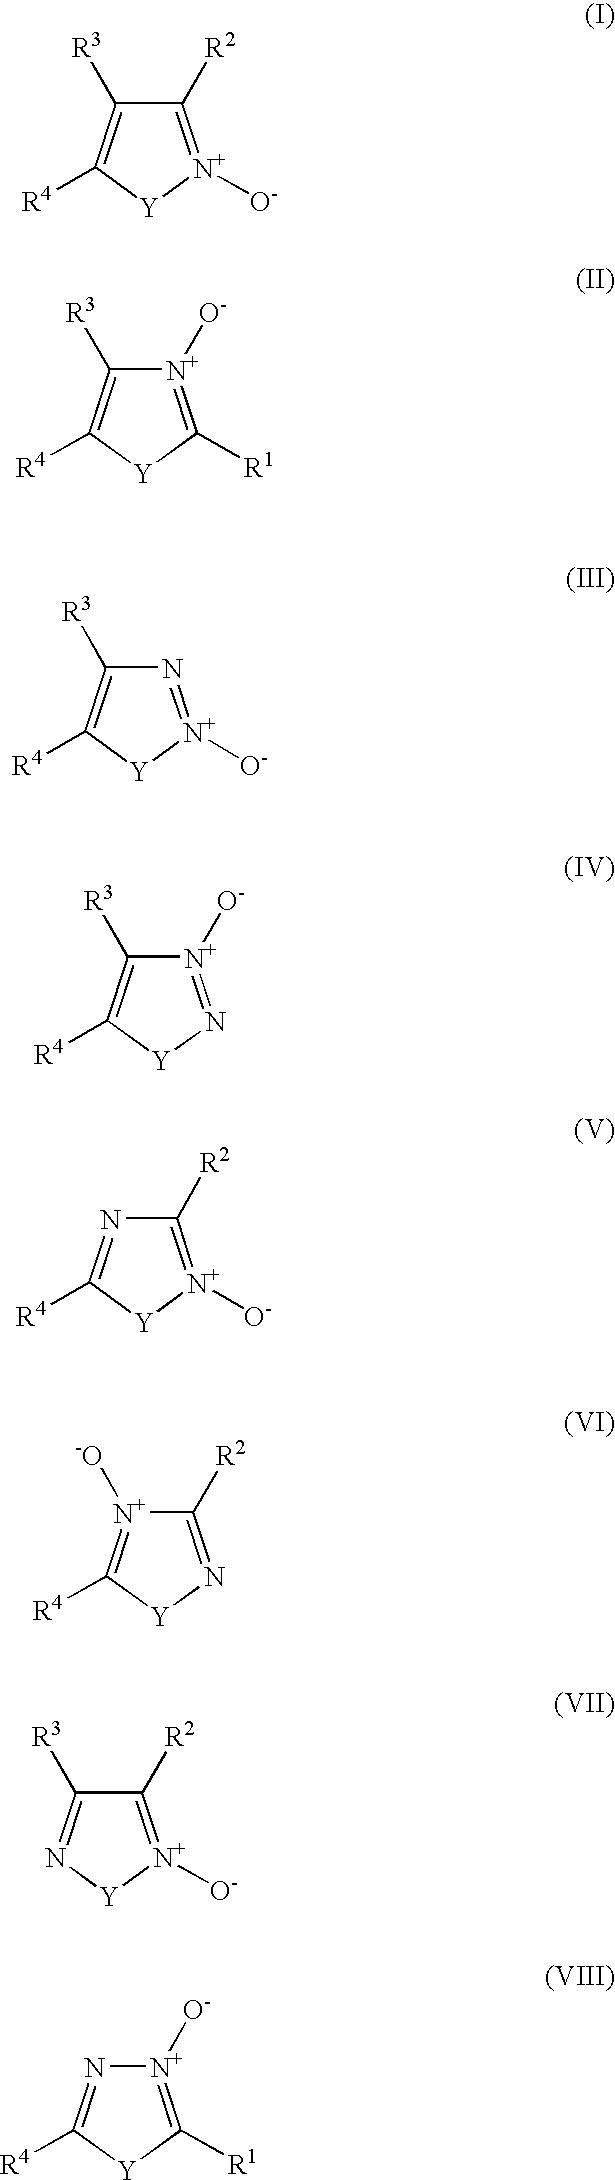 Figure US20060156483A1-20060720-C00032